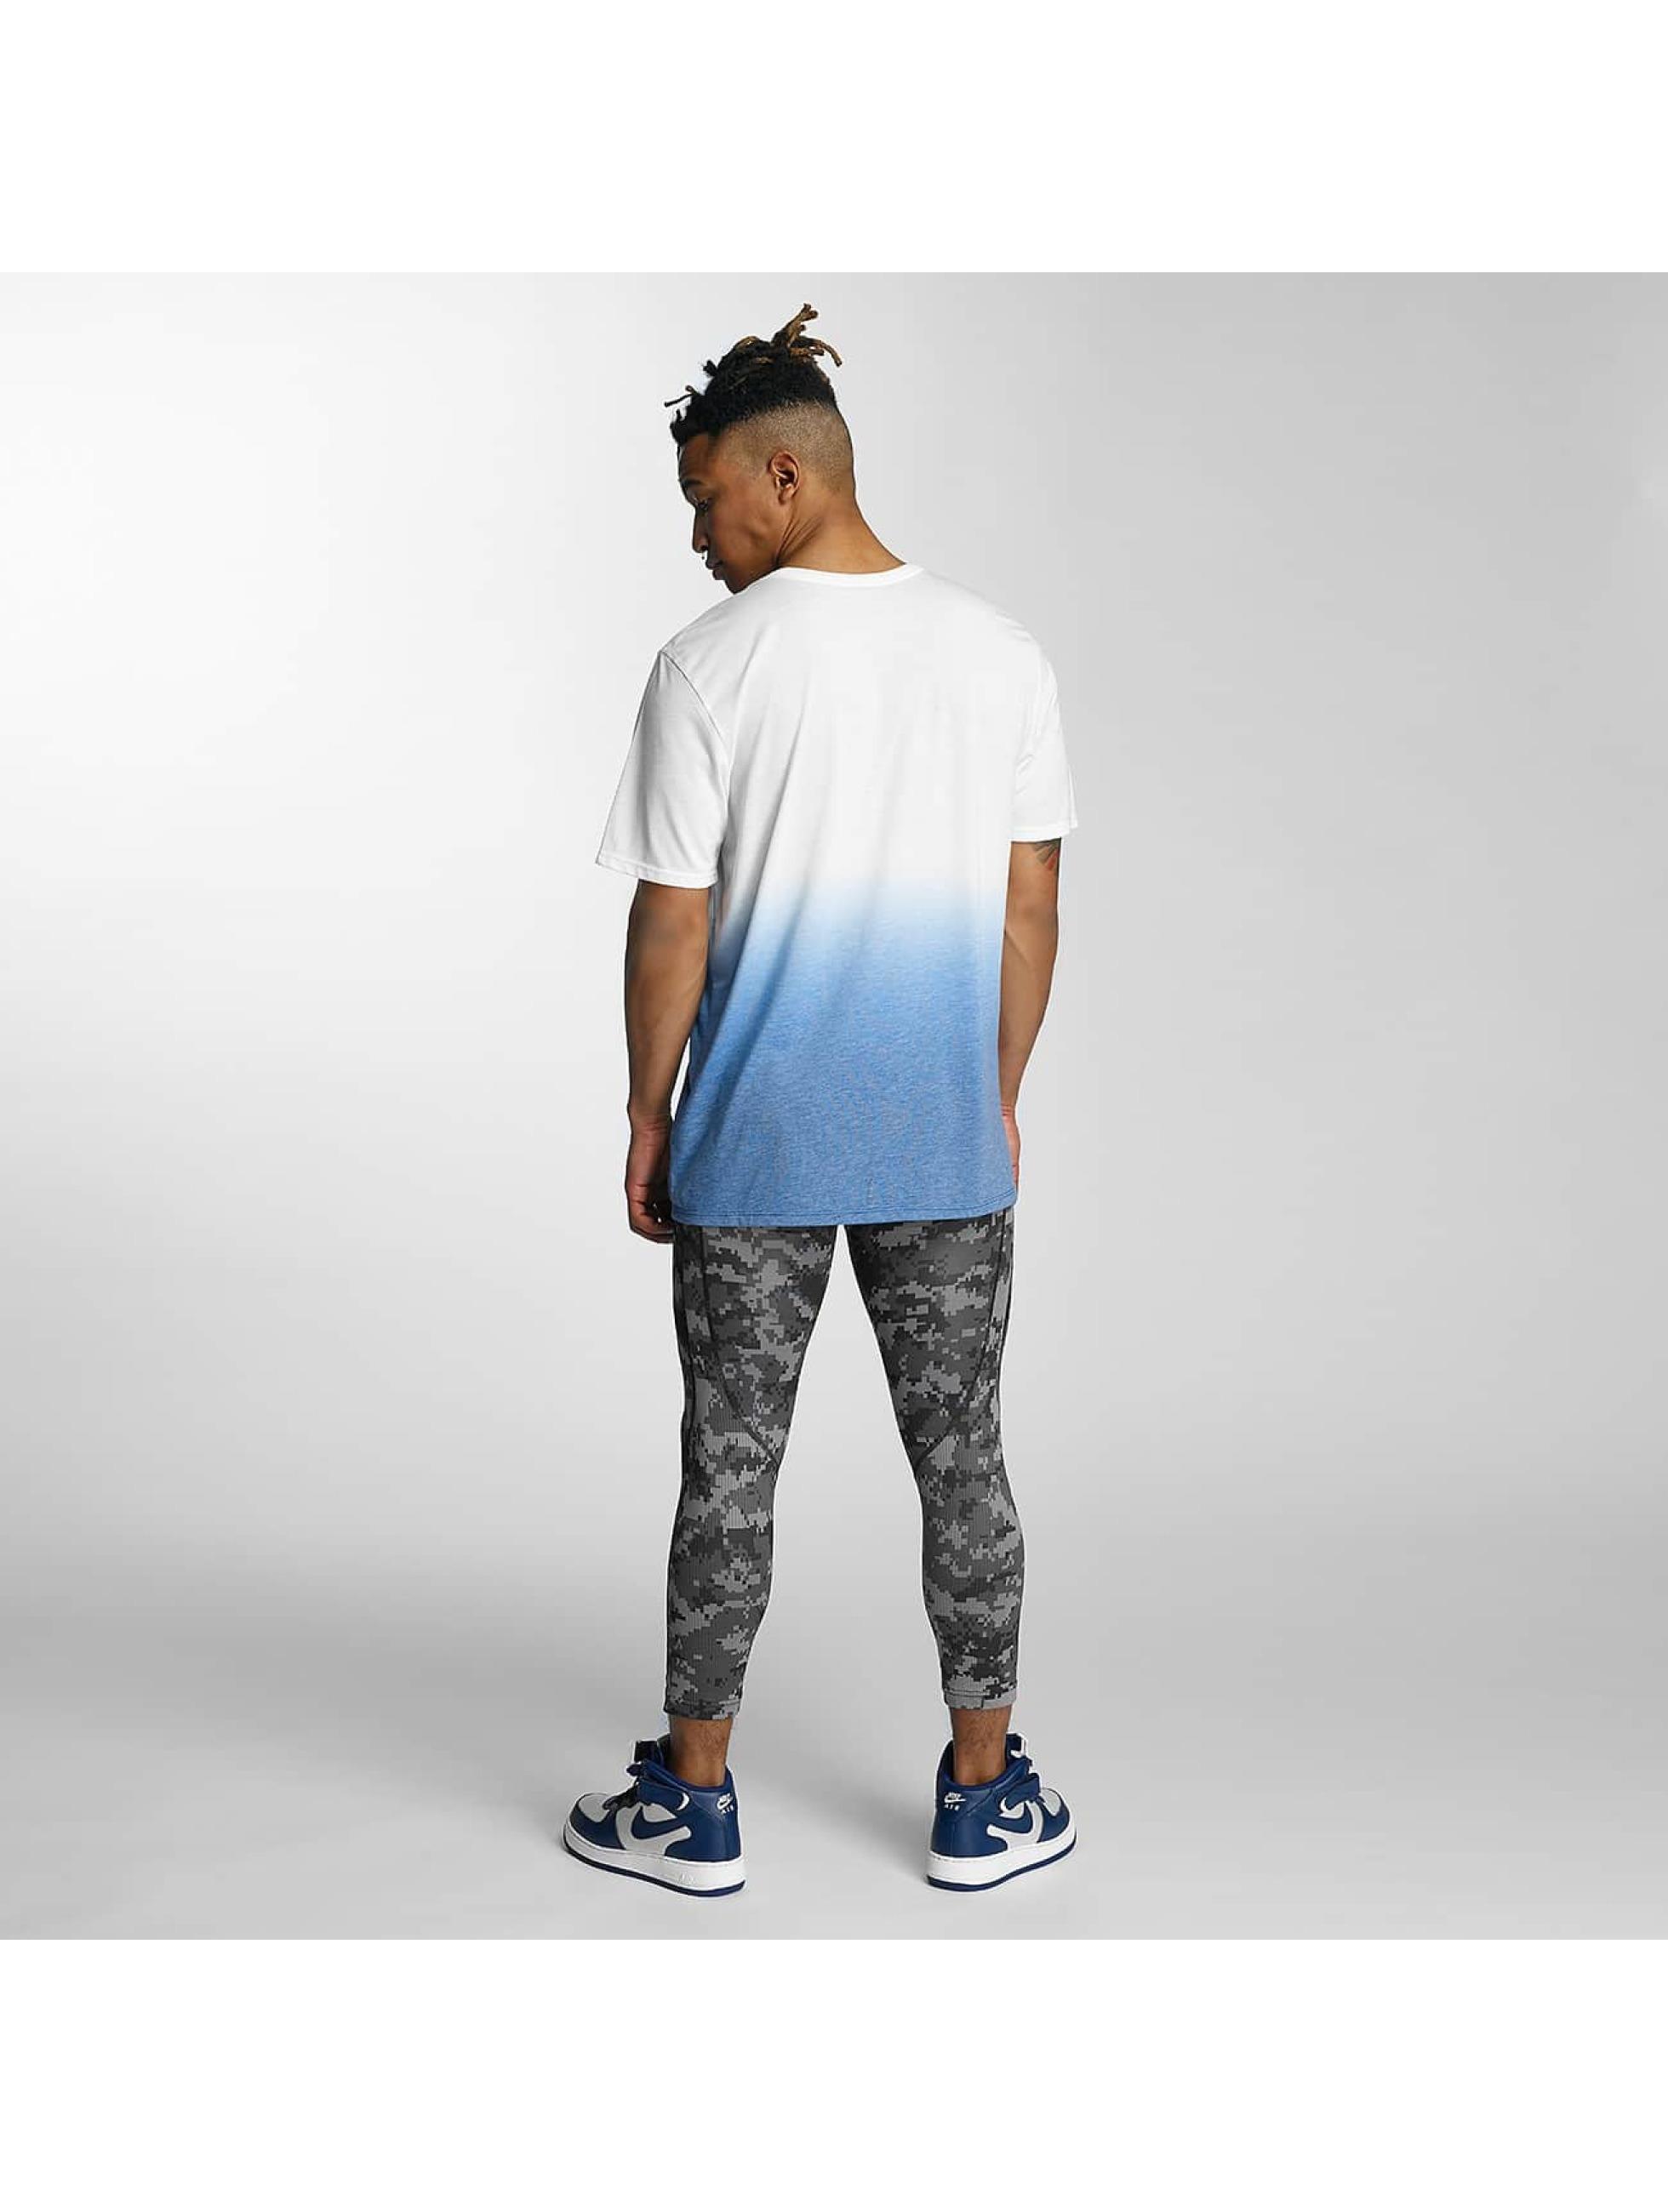 Nike SB T-Shirt SB Dry white